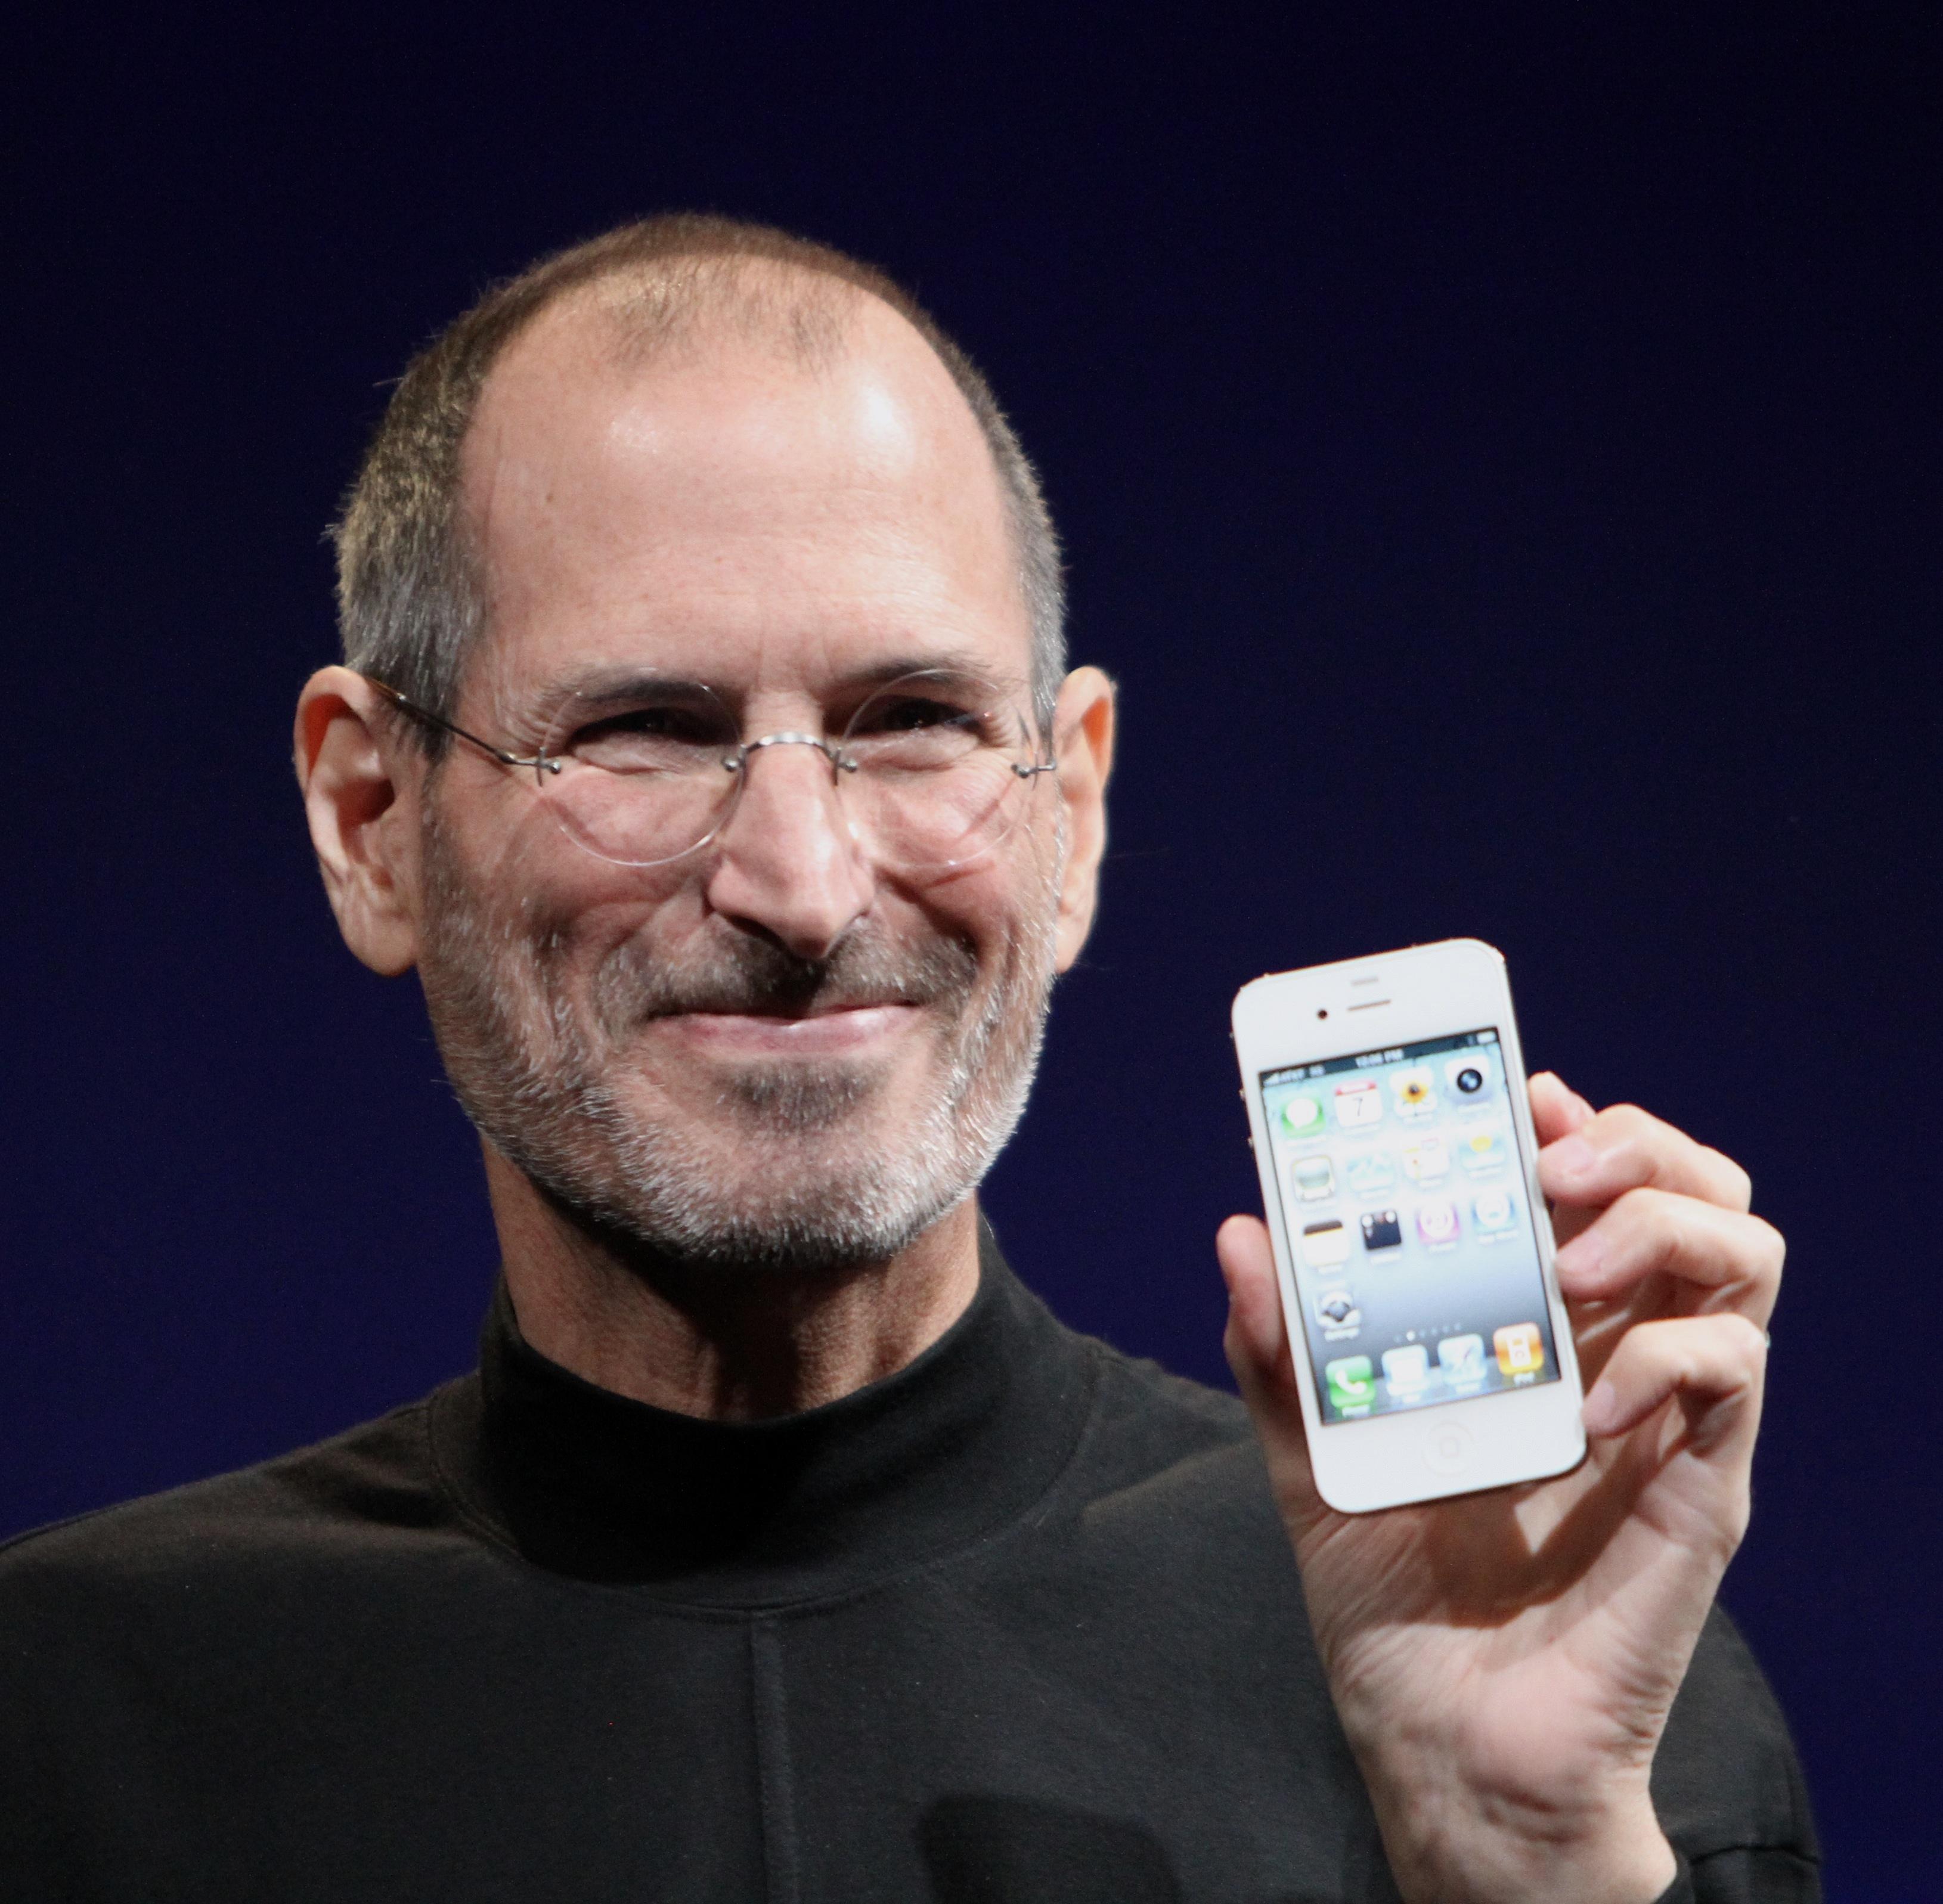 Présentation de l'Iphone 4 par Steve Jobs (source : Wikipedia, auteur : Matt Yohe )